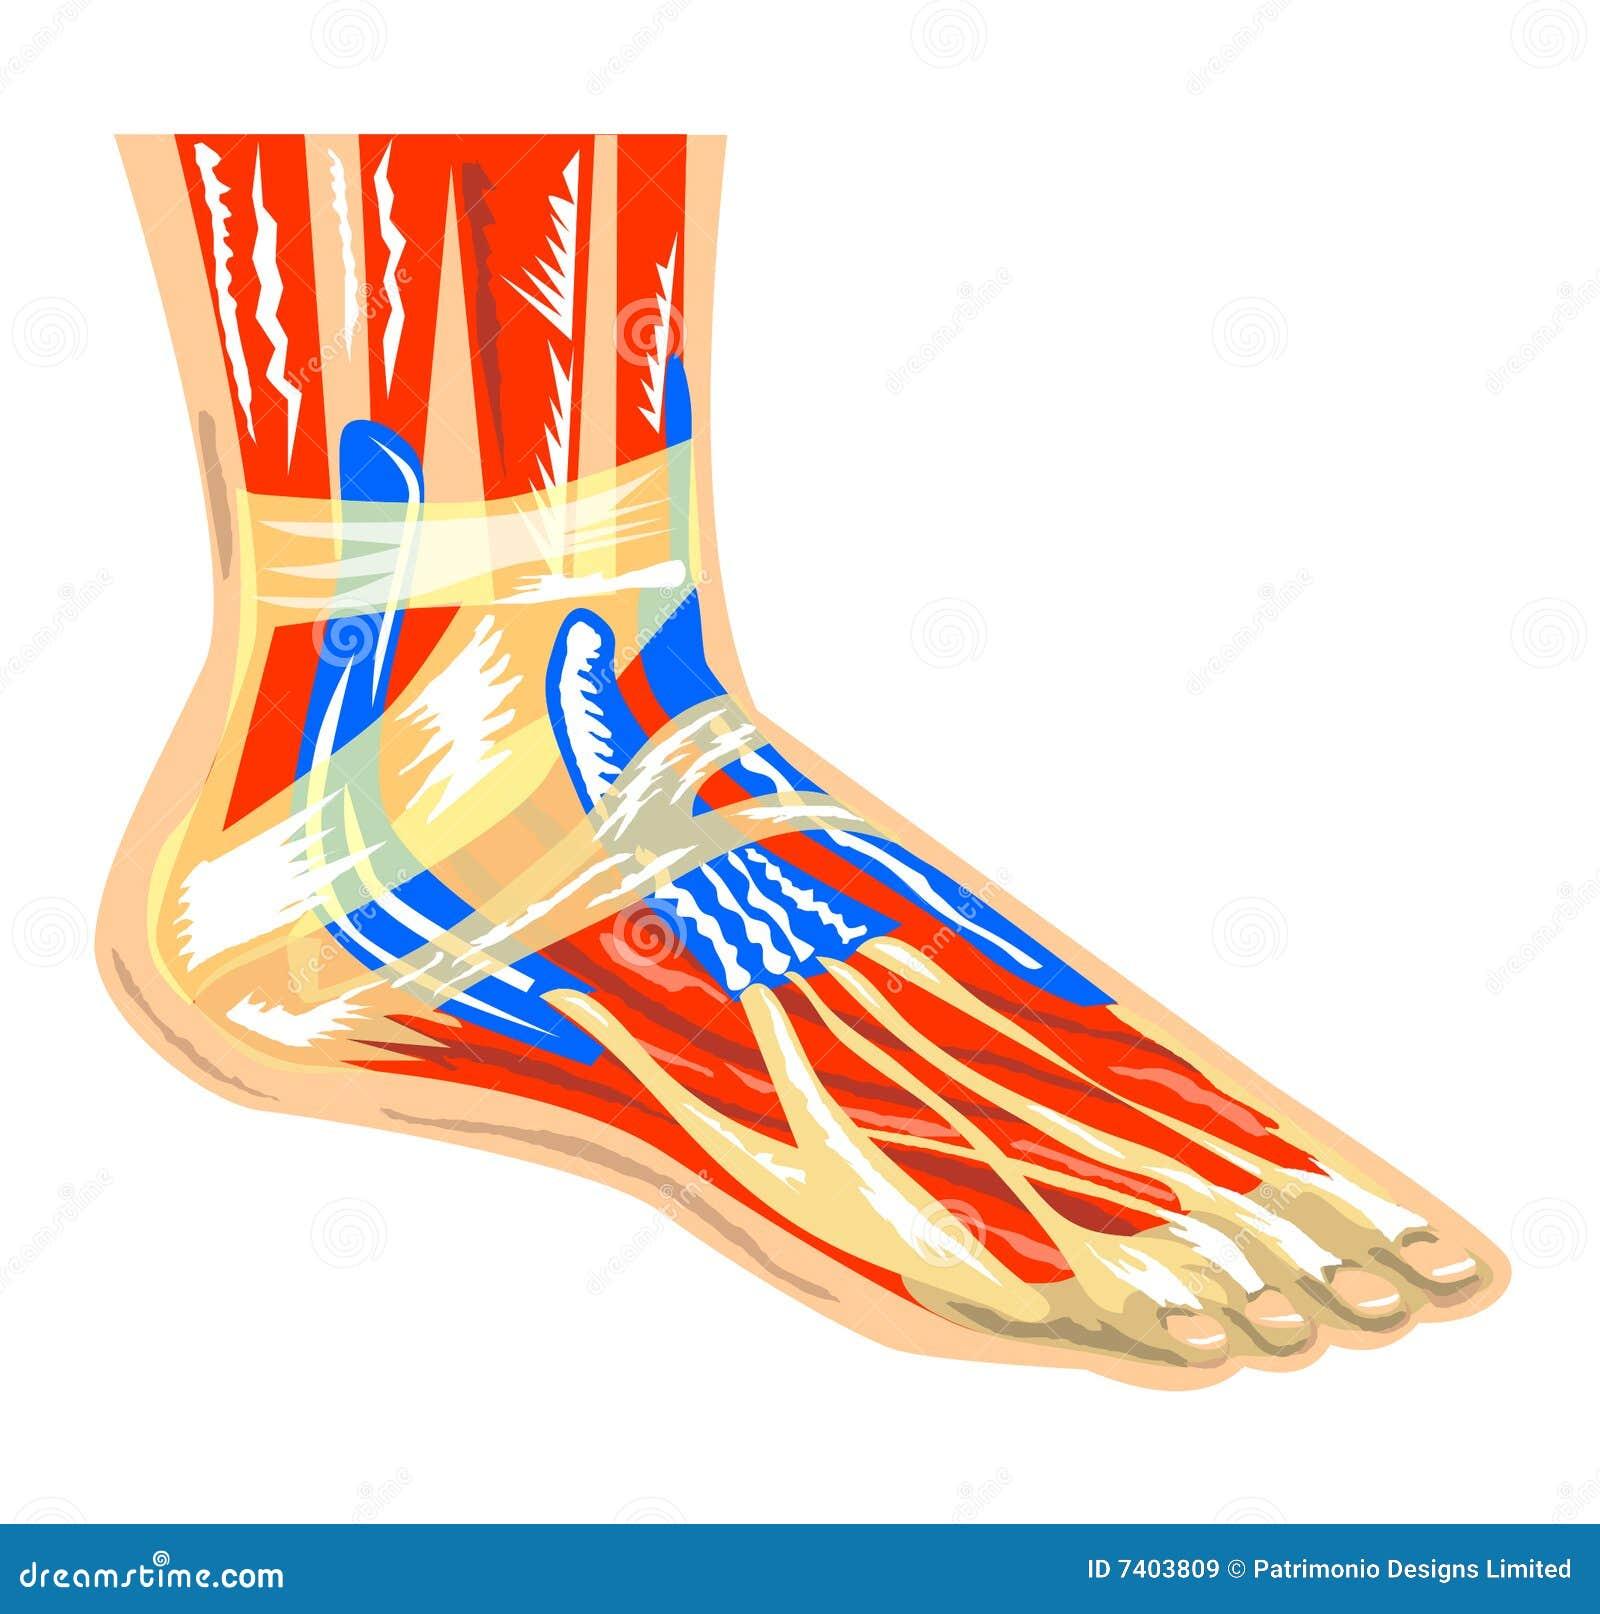 Famoso Diagrama De Los Músculos Y Los Tendones Del Pie Motivo ...